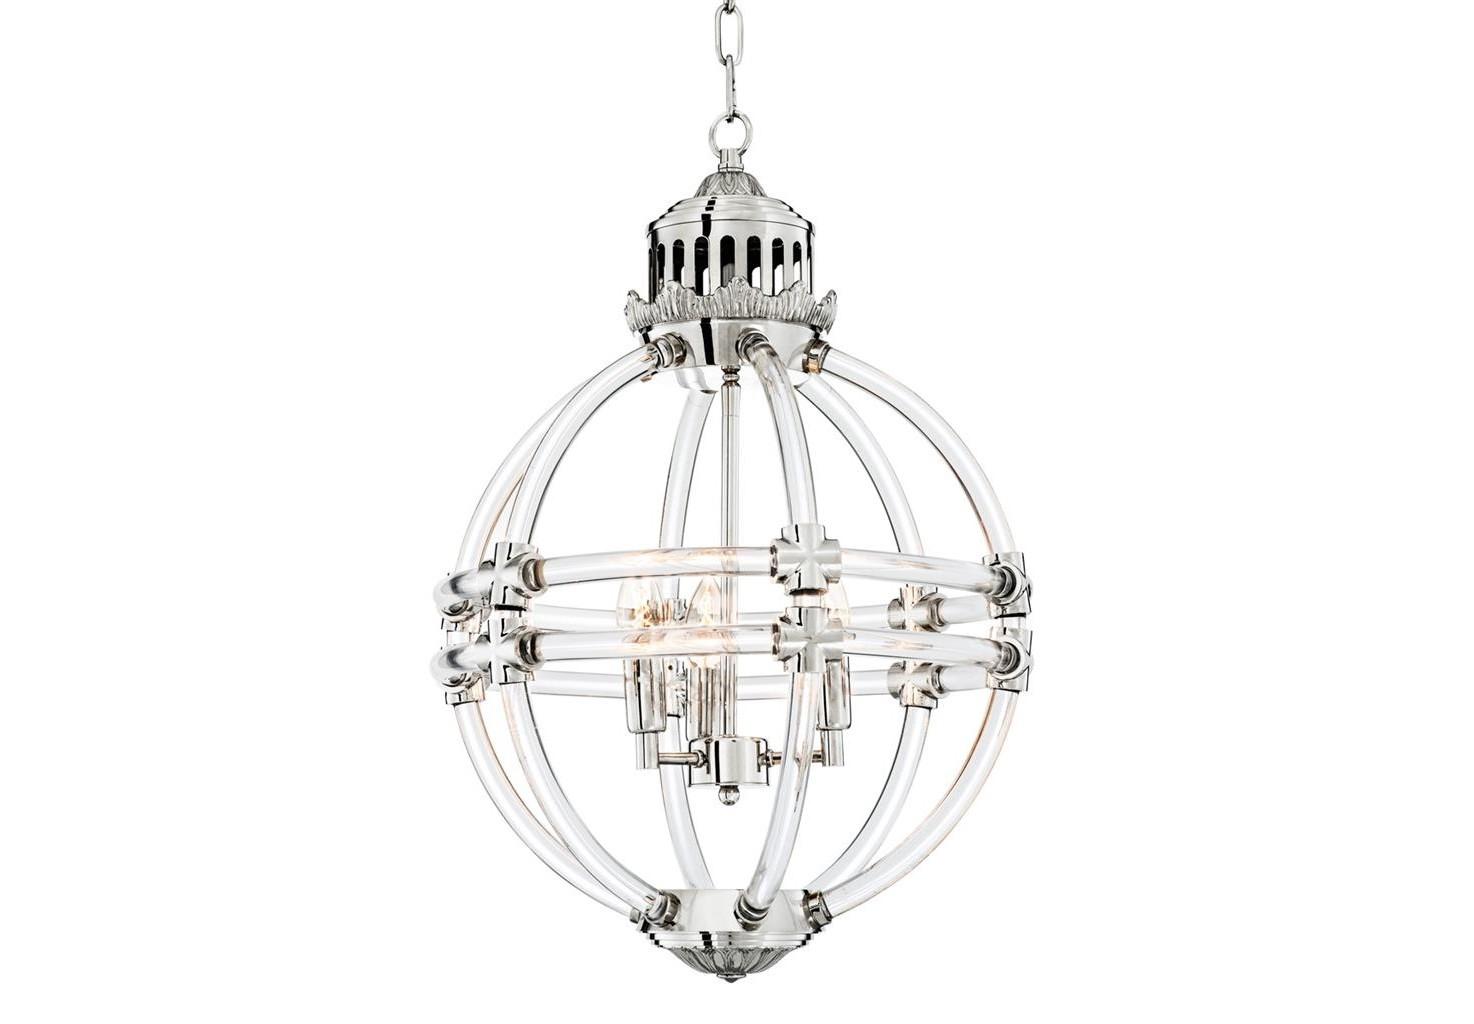 Подвесной светильникЛюстры подвесные<br>Подвесной светильник Chandelier Impero выполнен из металла цвета никель и прозрачного стекла. Оригинальный дизайн в виде сферы.  Высота светильника регулируется за счет звеньев цепи. Лампочки в комлект не входят.&amp;lt;div&amp;gt;&amp;lt;br&amp;gt;&amp;lt;/div&amp;gt;&amp;lt;div&amp;gt;&amp;lt;div&amp;gt;Тип цоколя: E14&amp;lt;/div&amp;gt;&amp;lt;div&amp;gt;Мощность: 40W&amp;lt;/div&amp;gt;&amp;lt;div&amp;gt;Кол-во ламп: 4 (нет в комплекте)&amp;lt;/div&amp;gt;&amp;lt;/div&amp;gt;<br><br>Material: Металл<br>Высота см: 64